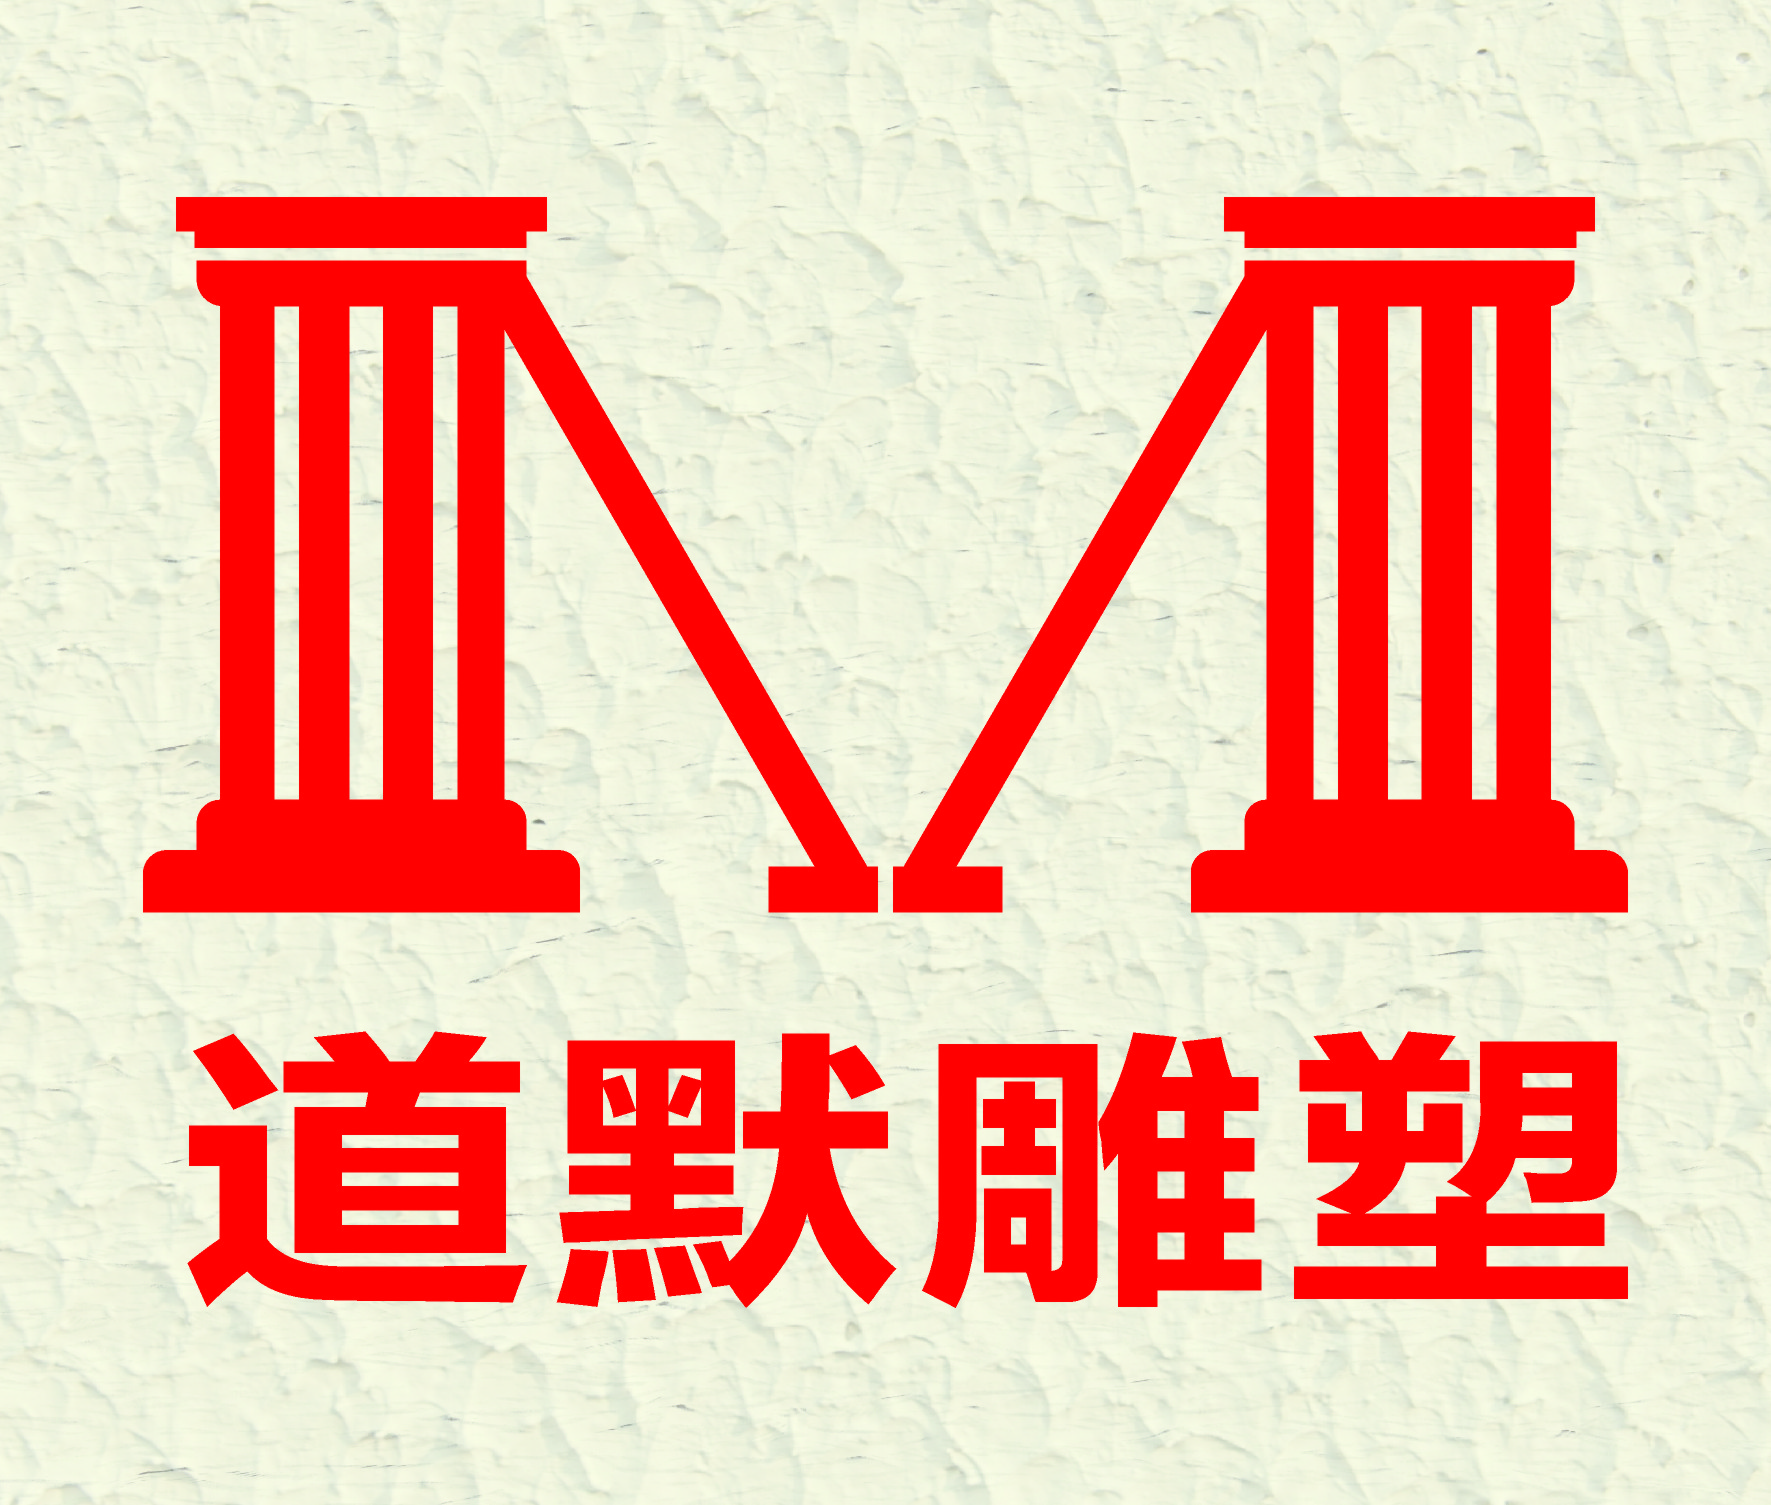 四川道默雕塑艺术有限公司